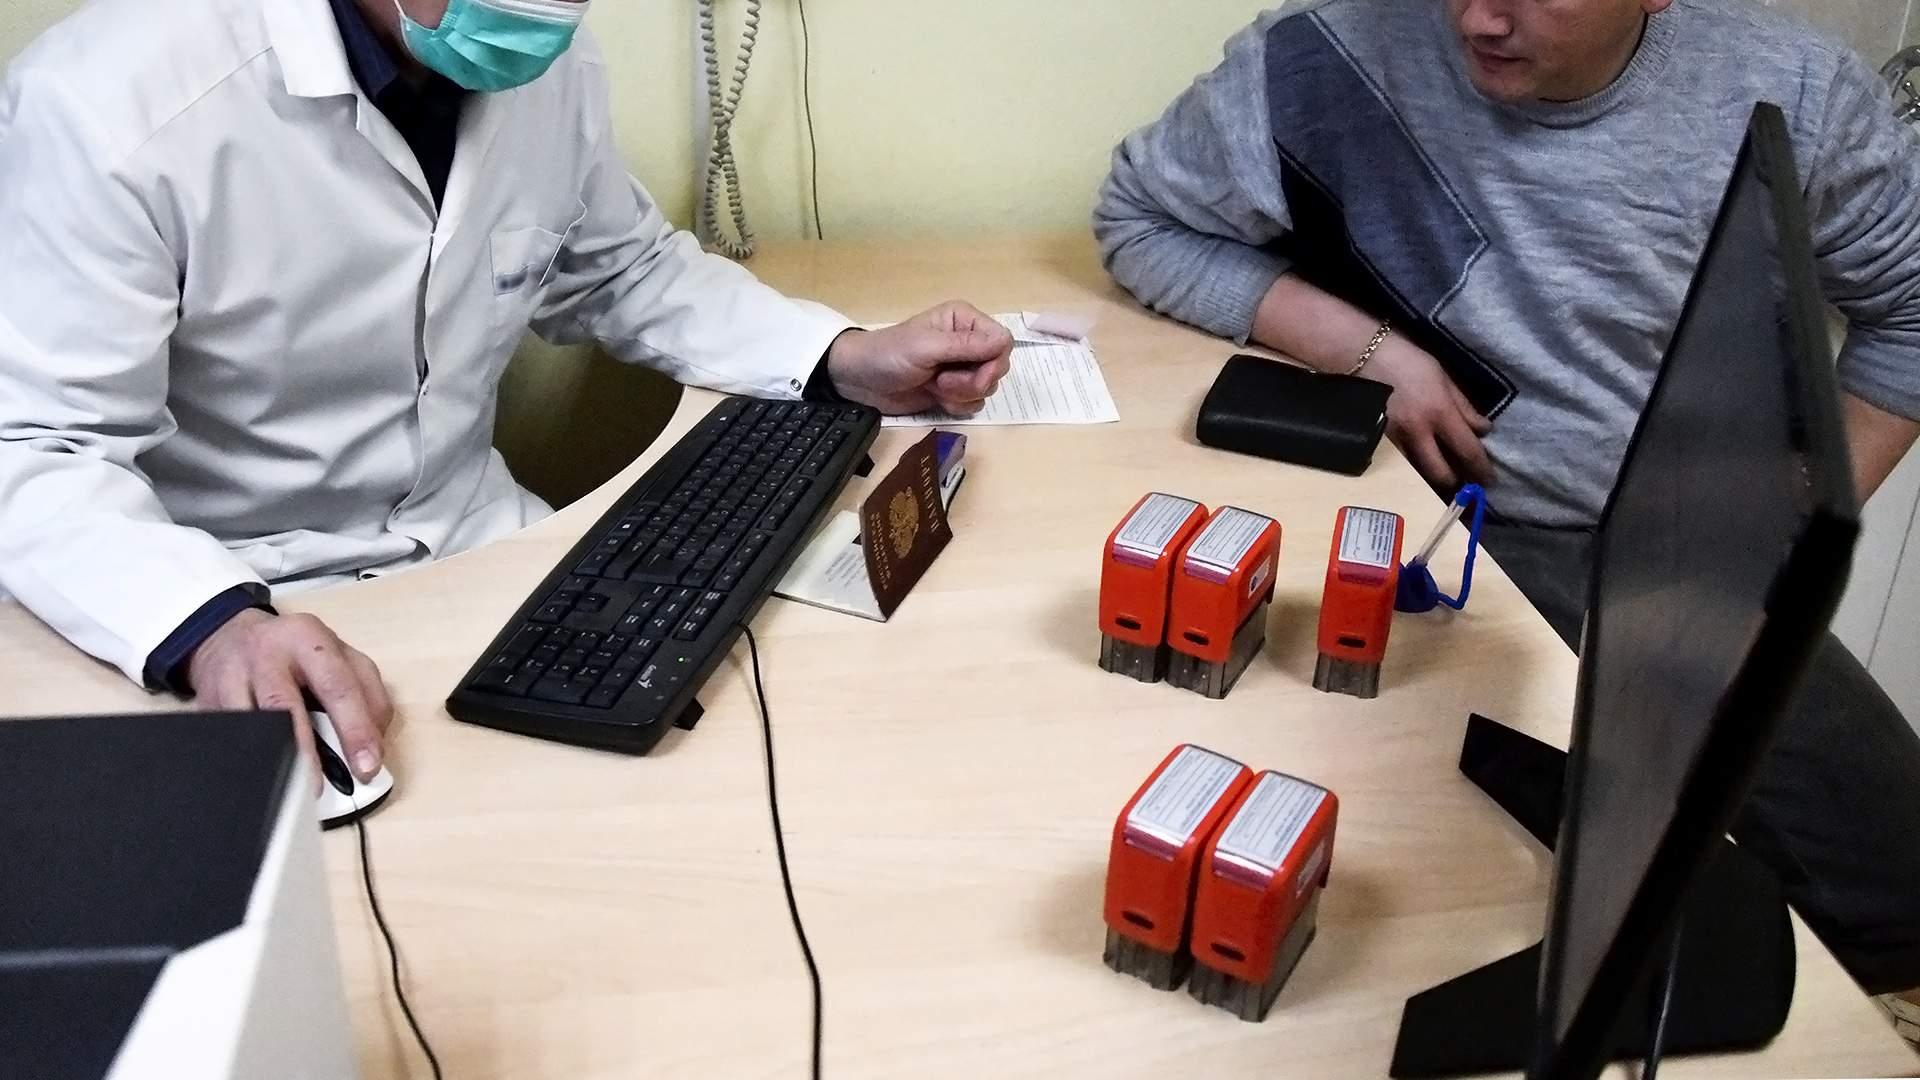 Наркология бузулук официальный сайт пульс после запоя